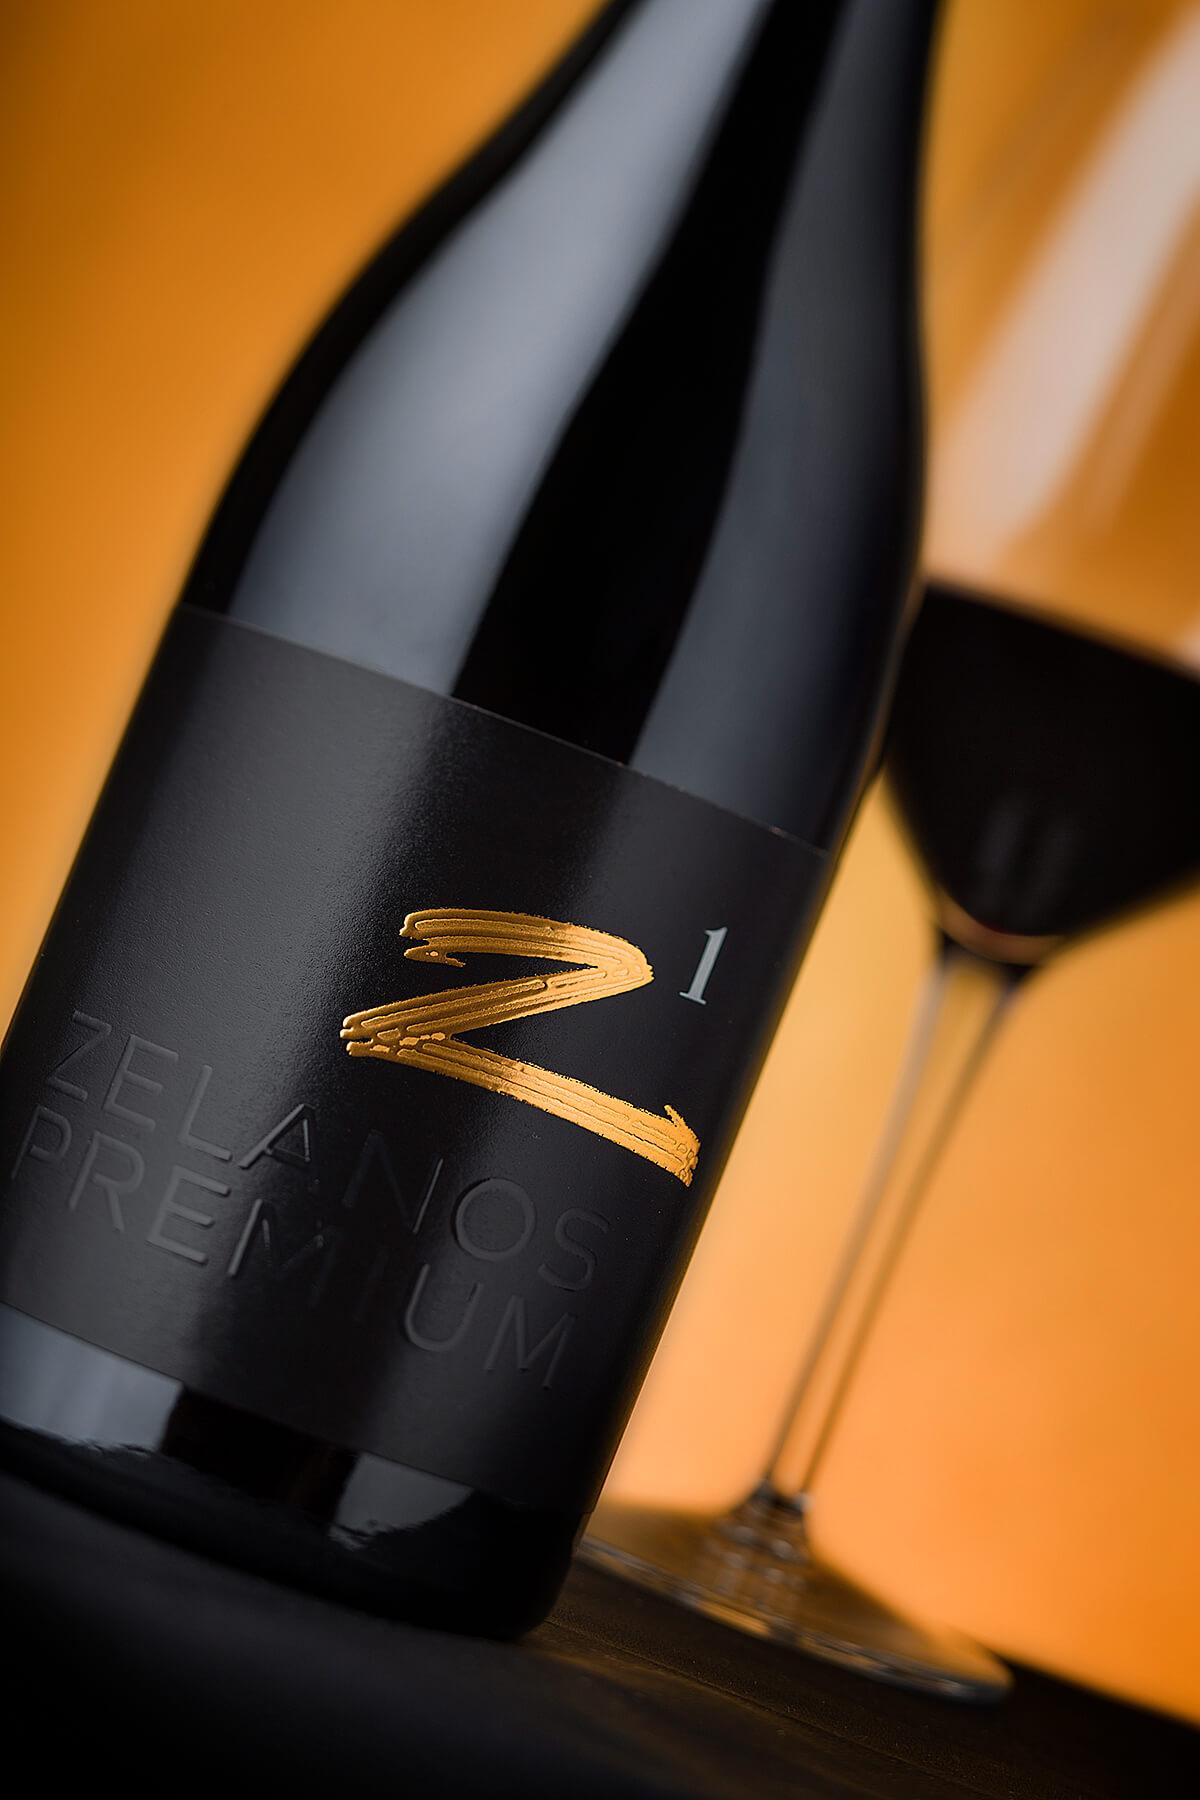 zelanos rremium wine label design